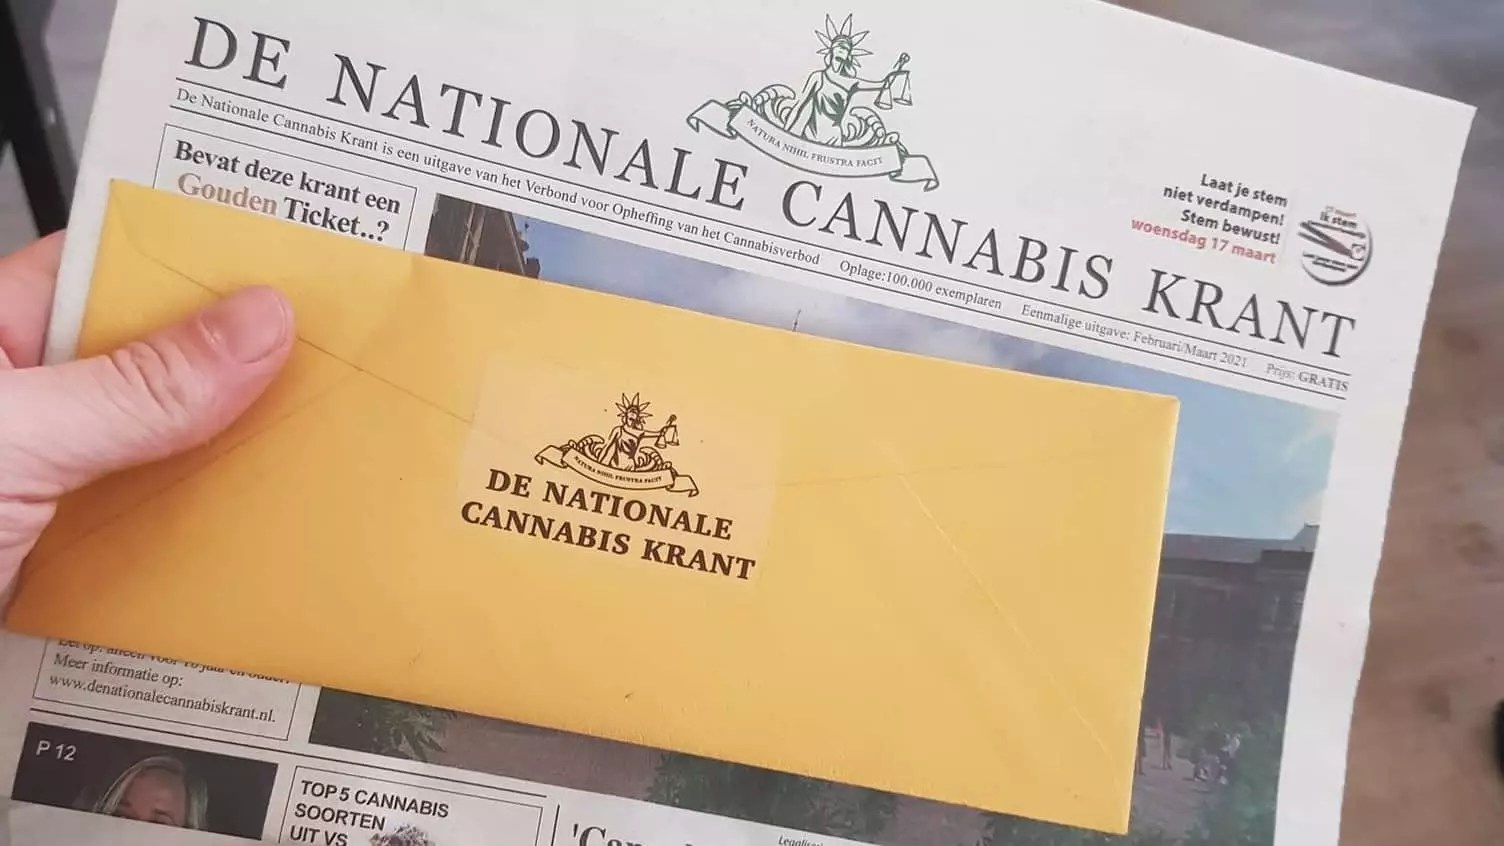 Eerste Gouden Ticket in De Nationale Cannabis Krant gevonden